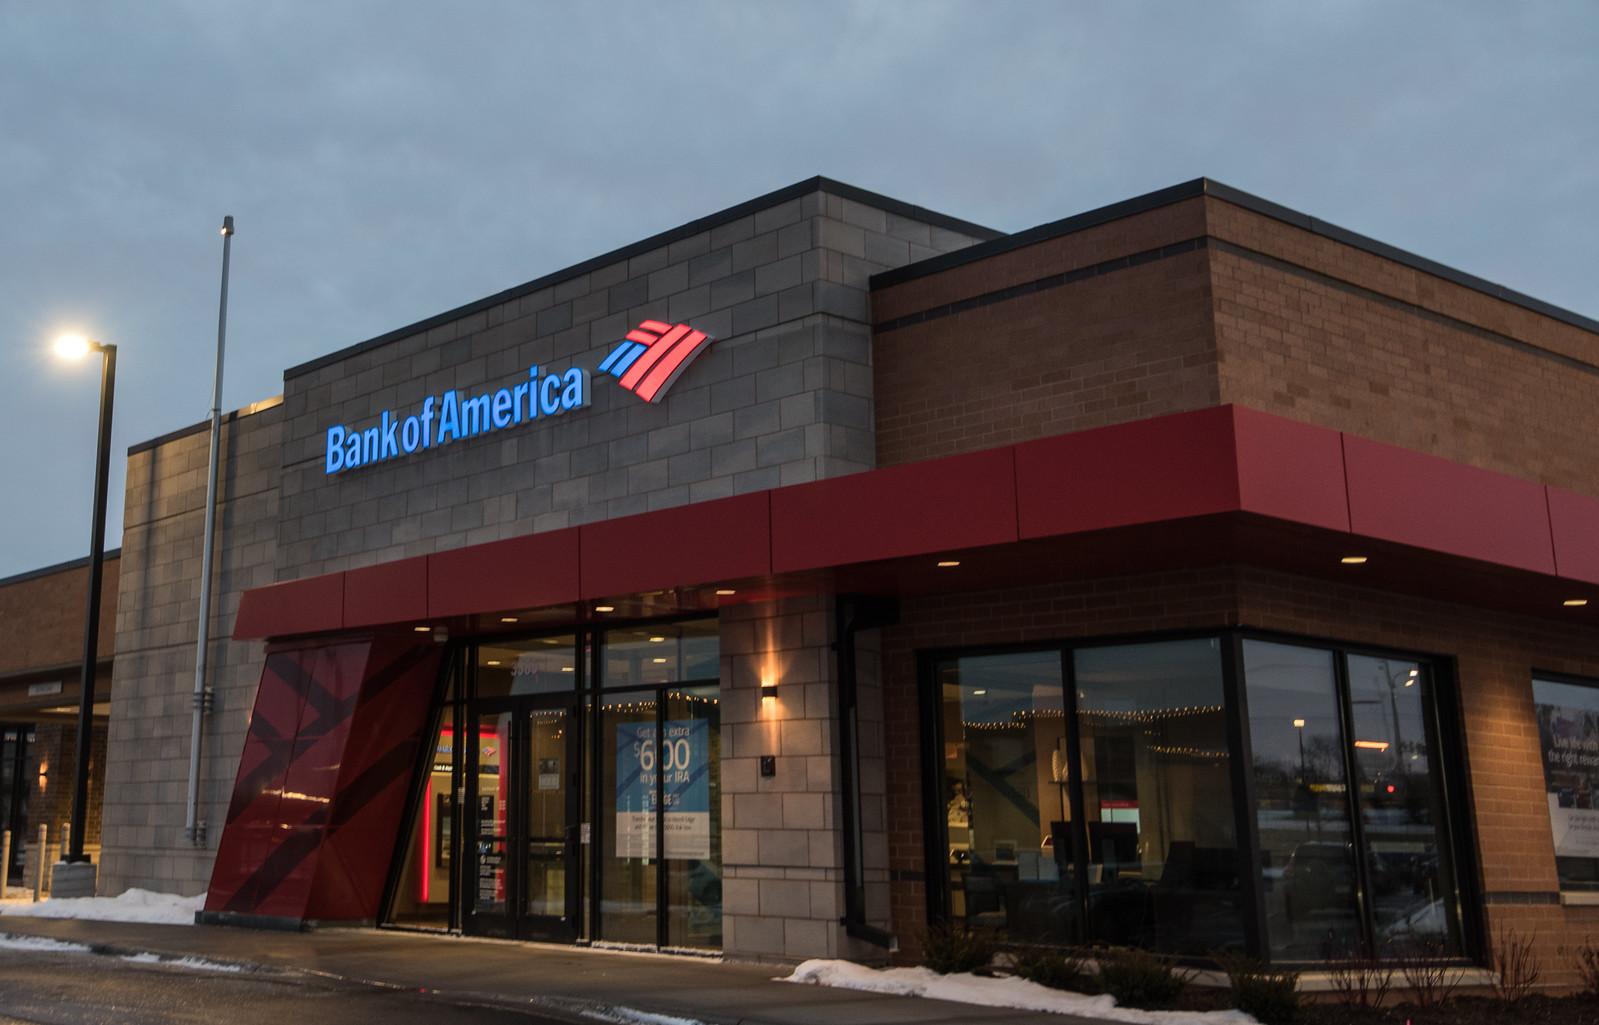 Azioni per investire nella ripresa post Covid secondo Bank of America